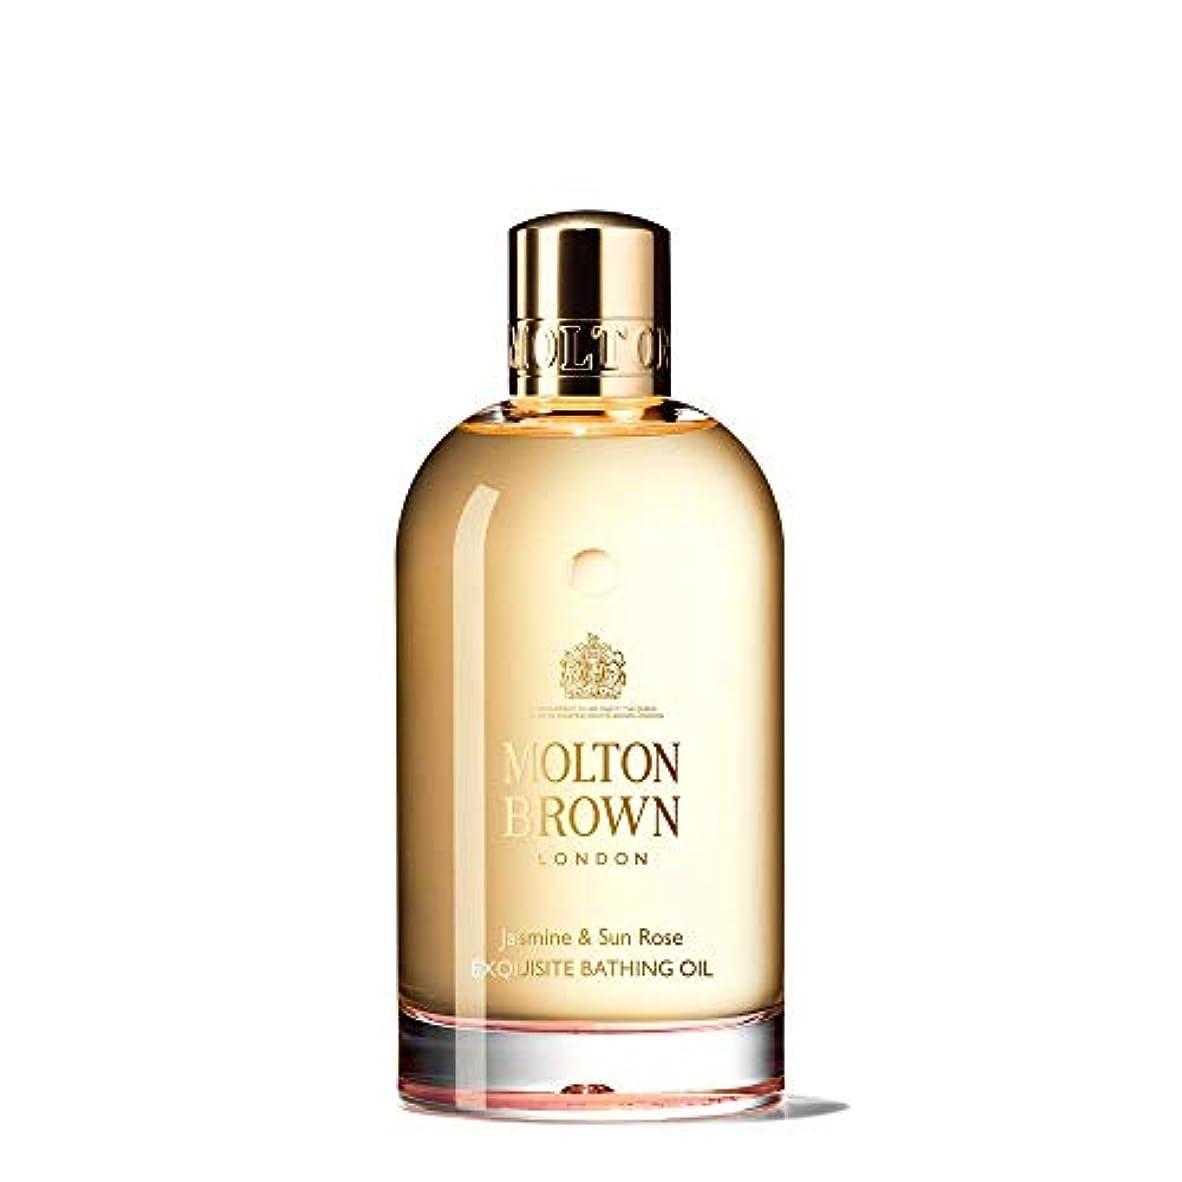 世界的にサーキットに行く雑草MOLTON BROWN(モルトンブラウン) ジャスミン&サンローズ コレクション J&SR ベージングオイル